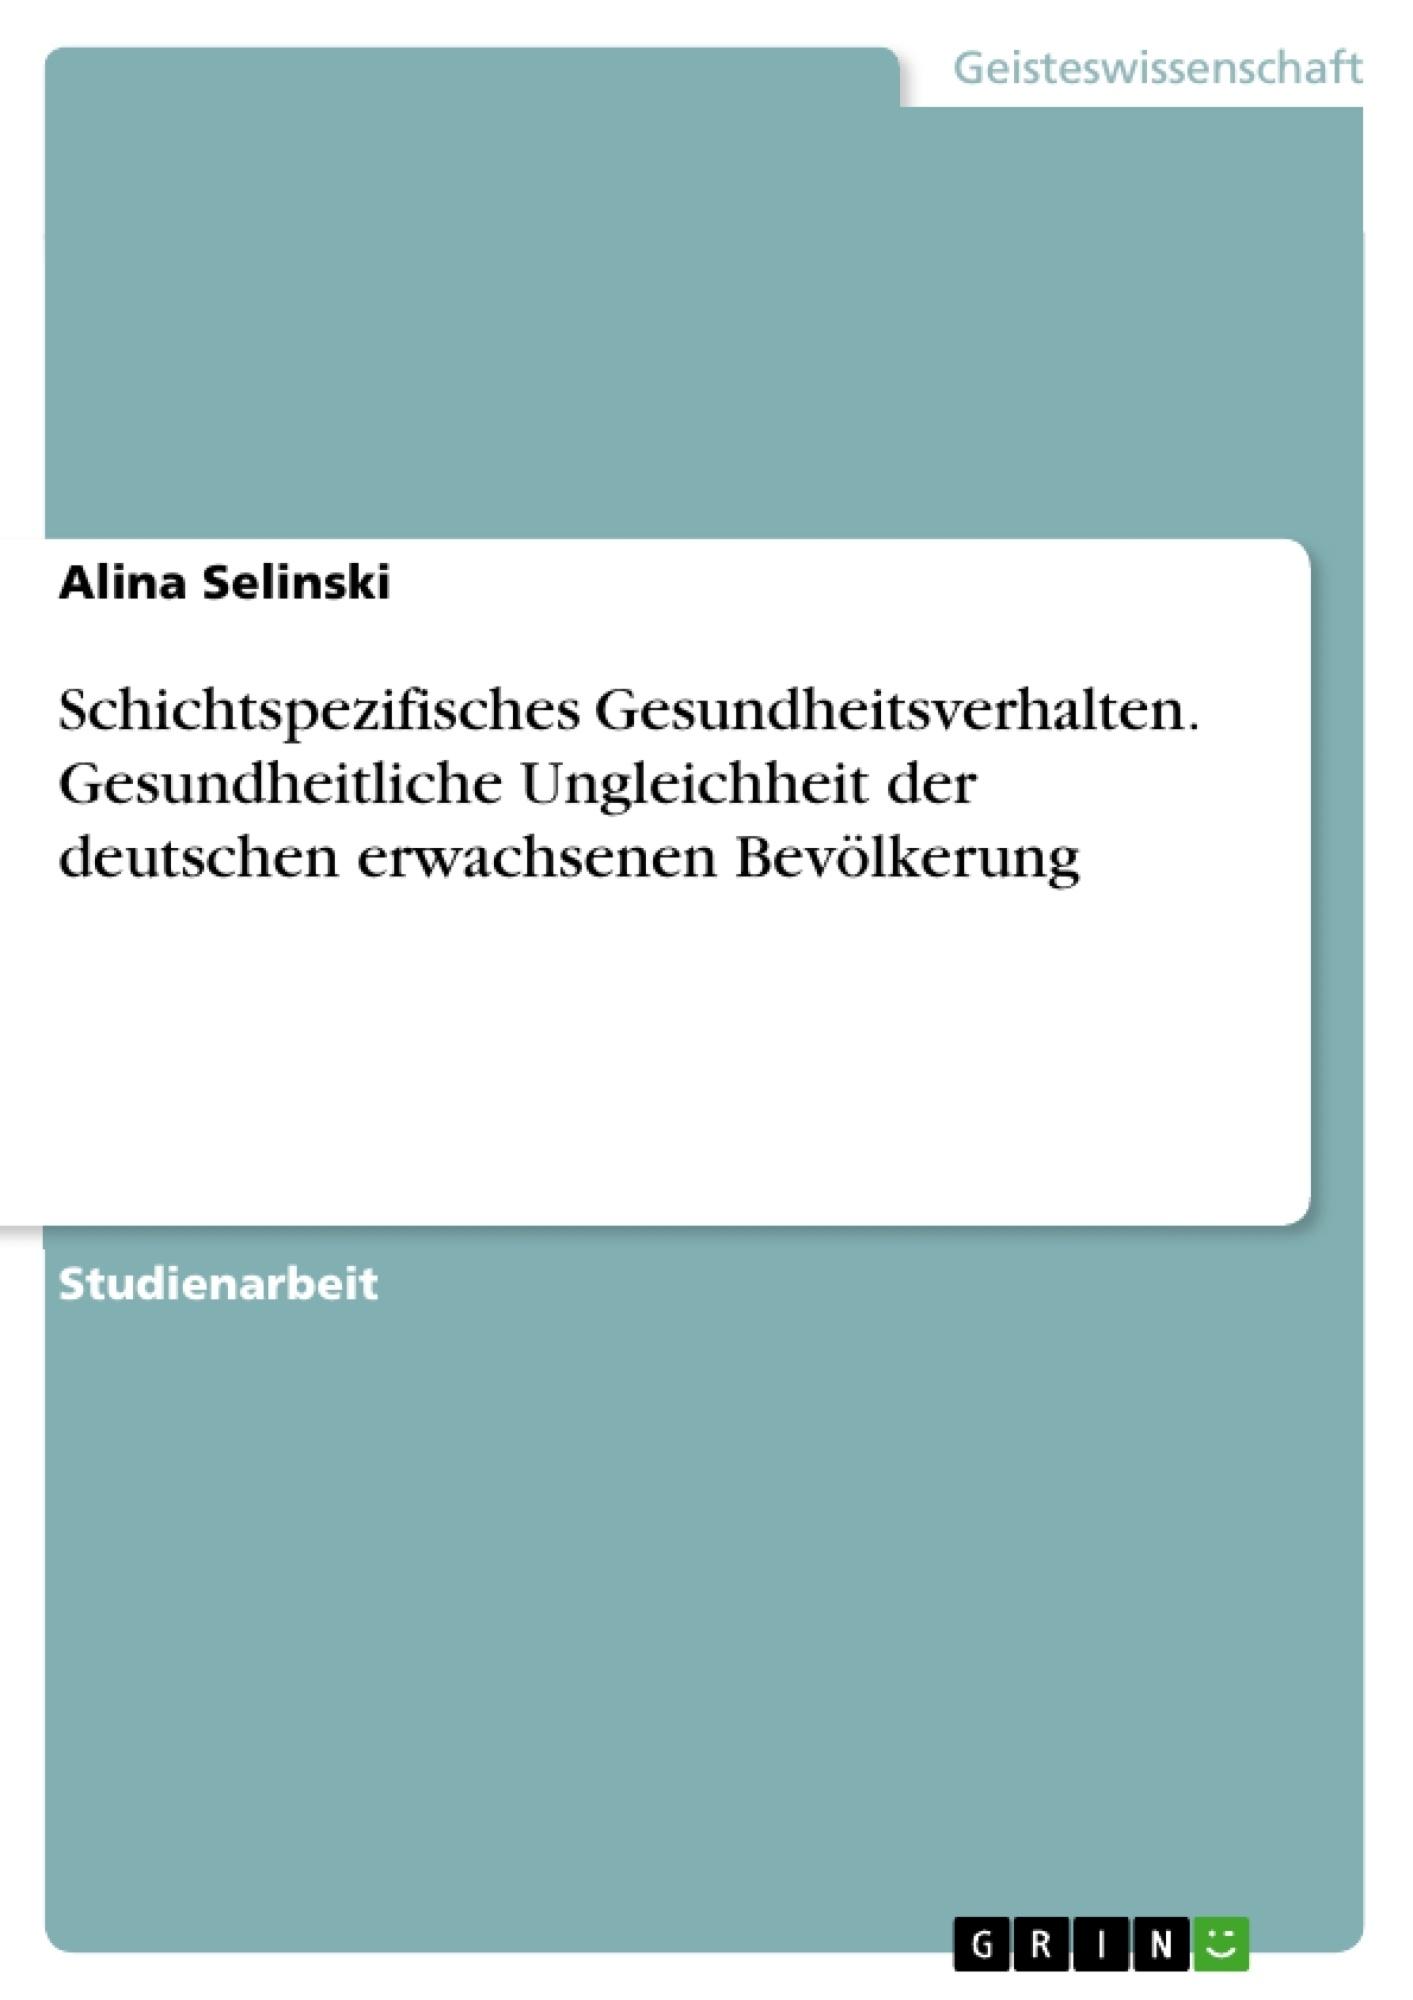 Titel: Schichtspezifisches Gesundheitsverhalten. Gesundheitliche Ungleichheit der deutschen erwachsenen Bevölkerung